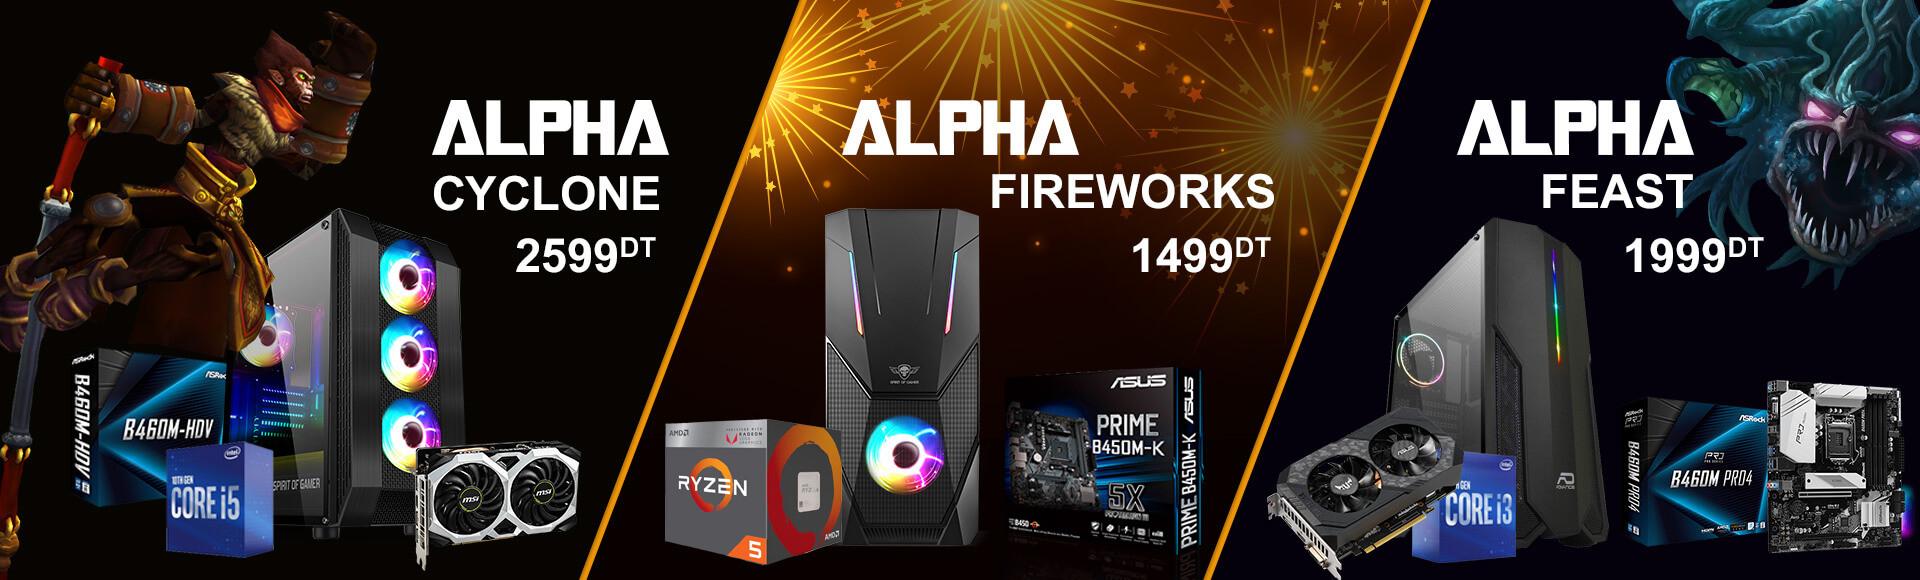 PC alpha